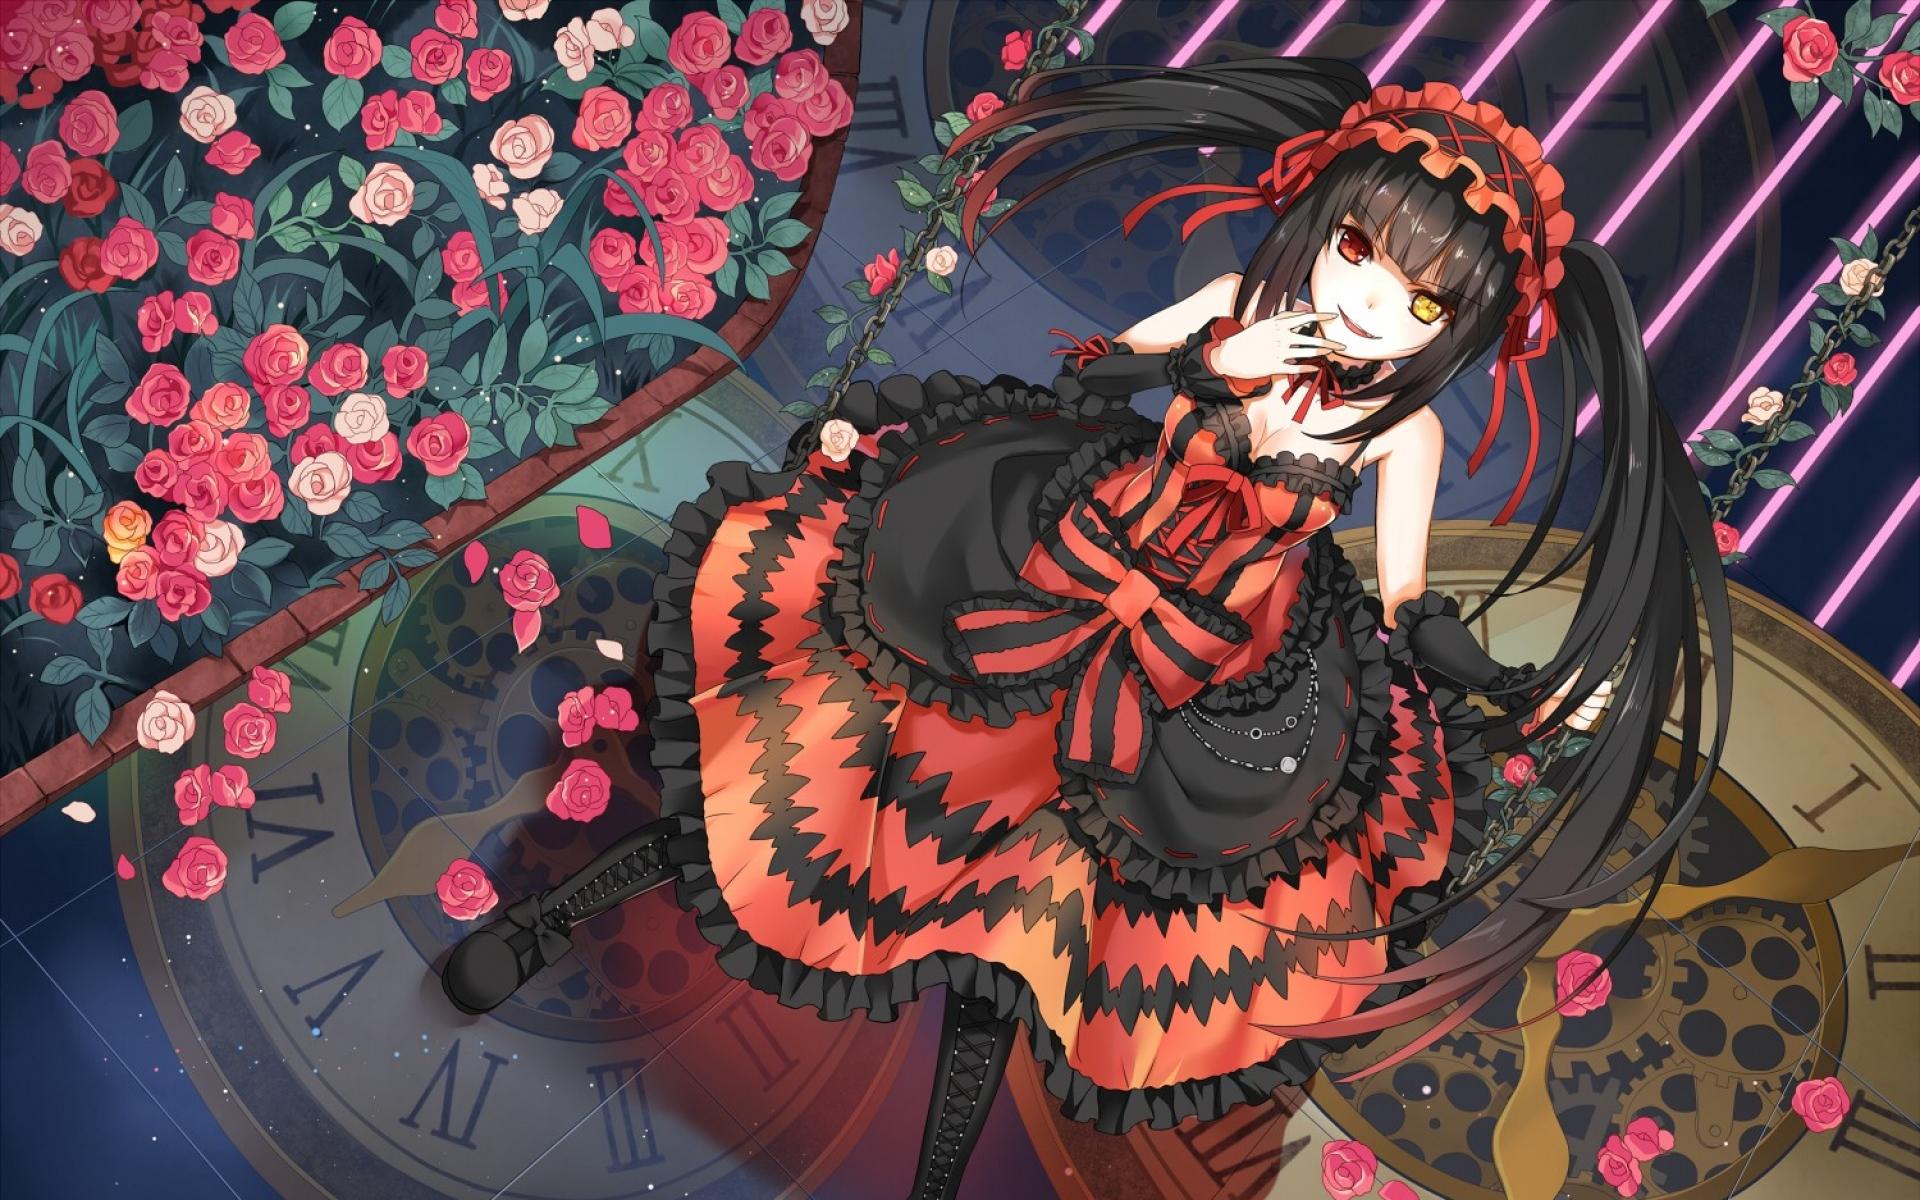 Картинки дата живой, tokisaki Каруми, девушка, аниме, платье,цветы фото и обои на рабочий стол